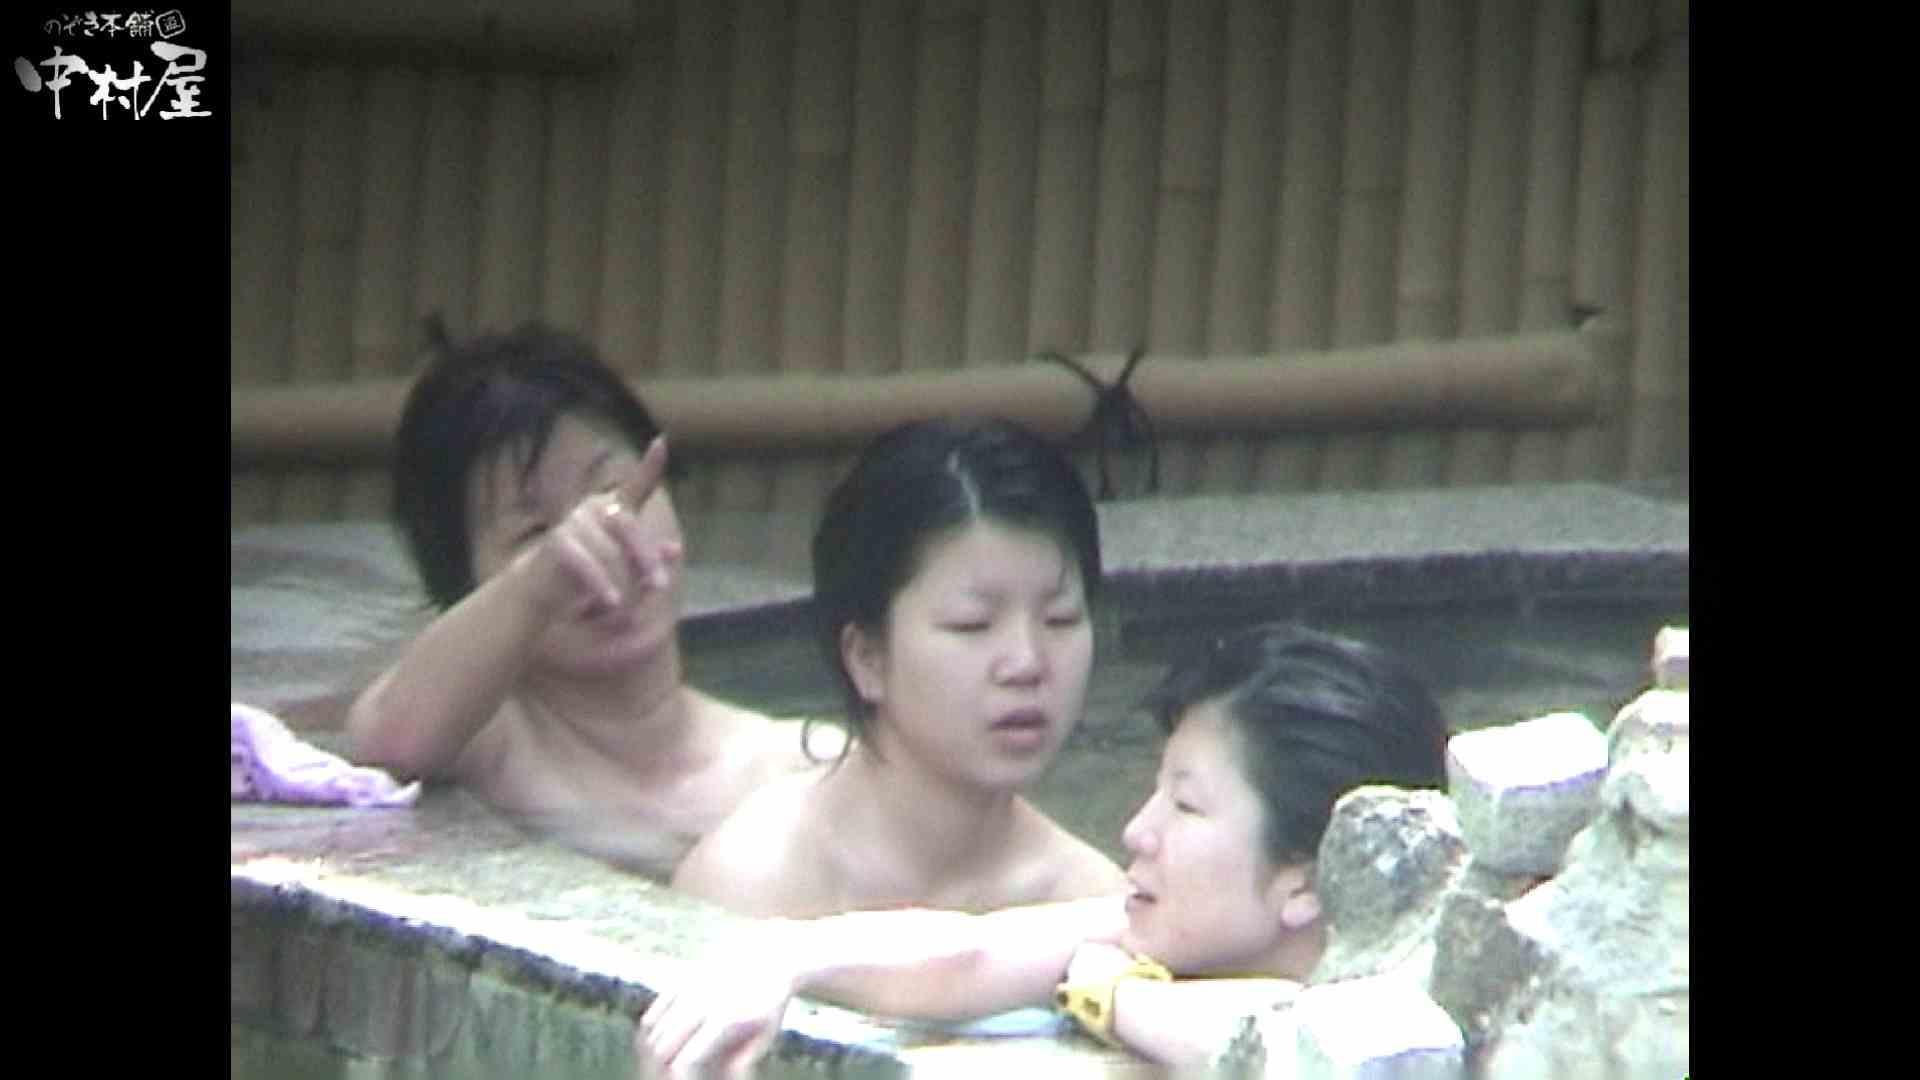 Aquaな露天風呂Vol.936 盗撮  75画像 39